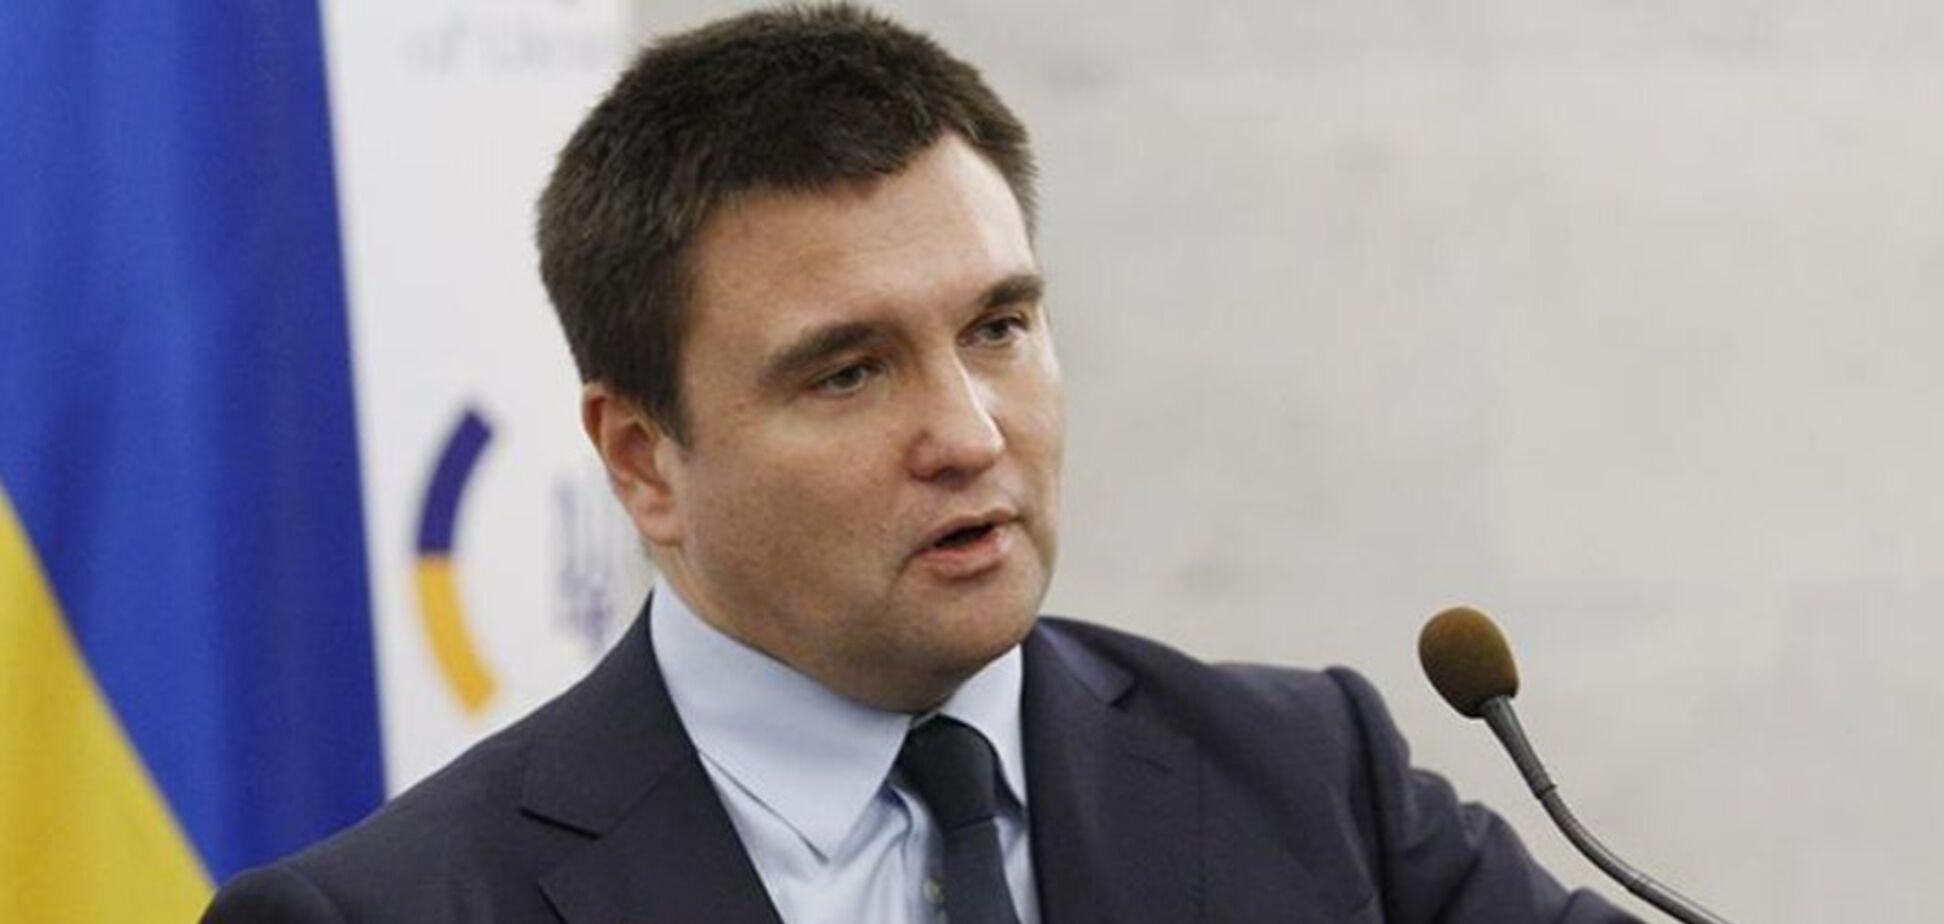 Климкин 'взорвал' российские СМИ заявлением об эмиграции украинцев: в чем суть